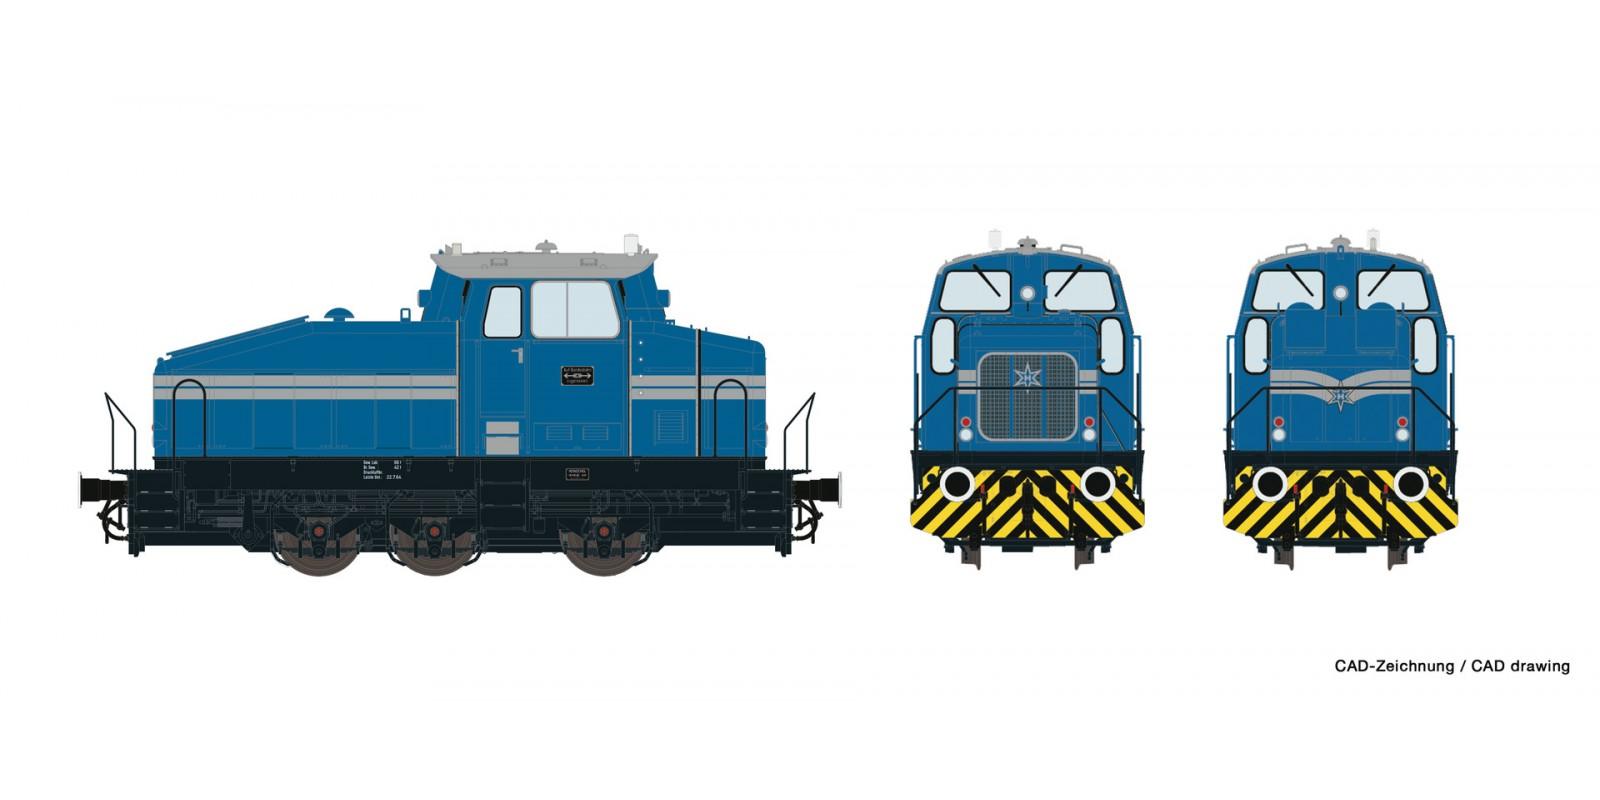 RO72179 Diesel locomotive DHG 500